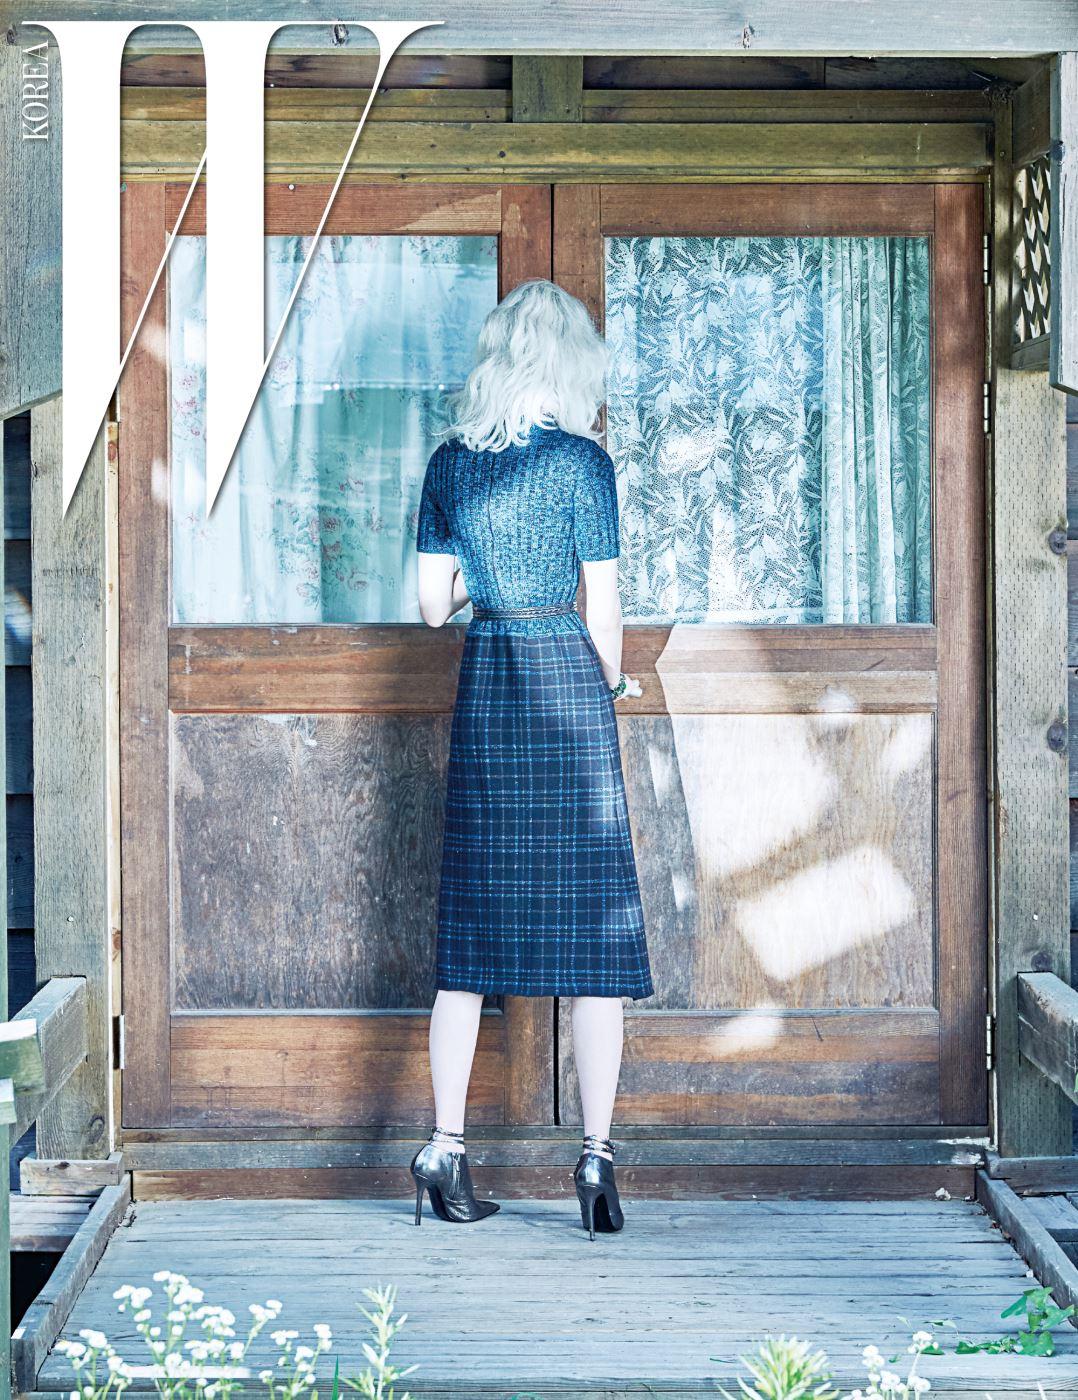 니트 톱과 체크무늬 스커트가 이어진 드레스와 벨트, 스트랩 슈즈는 모두 Bottega Veneta 제품.